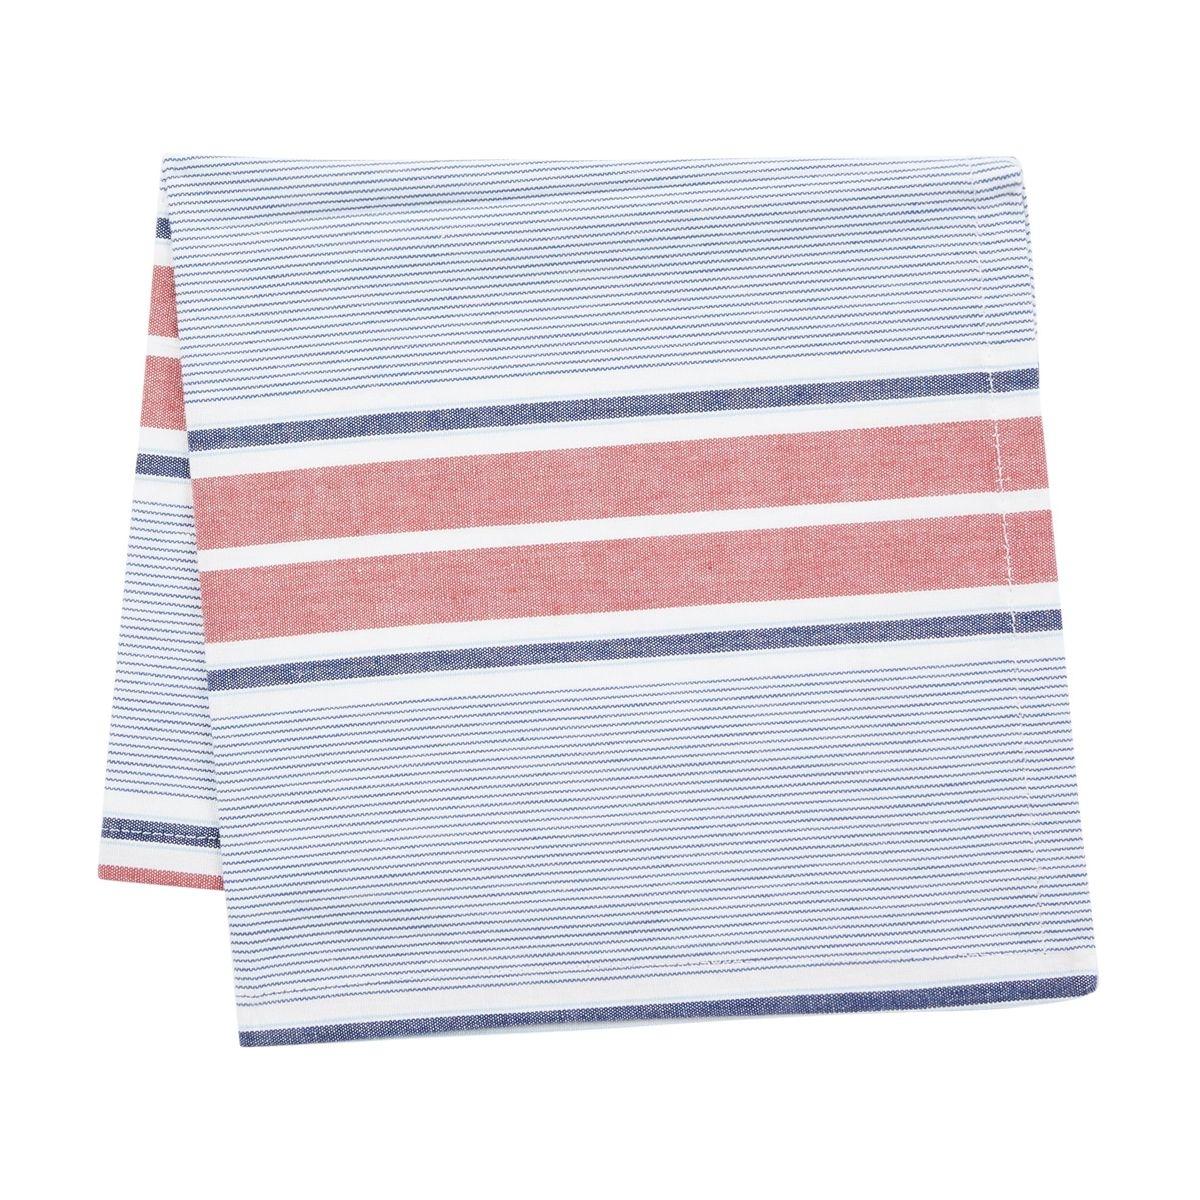 4 Serviettes De Table Parfait Coton Rayures